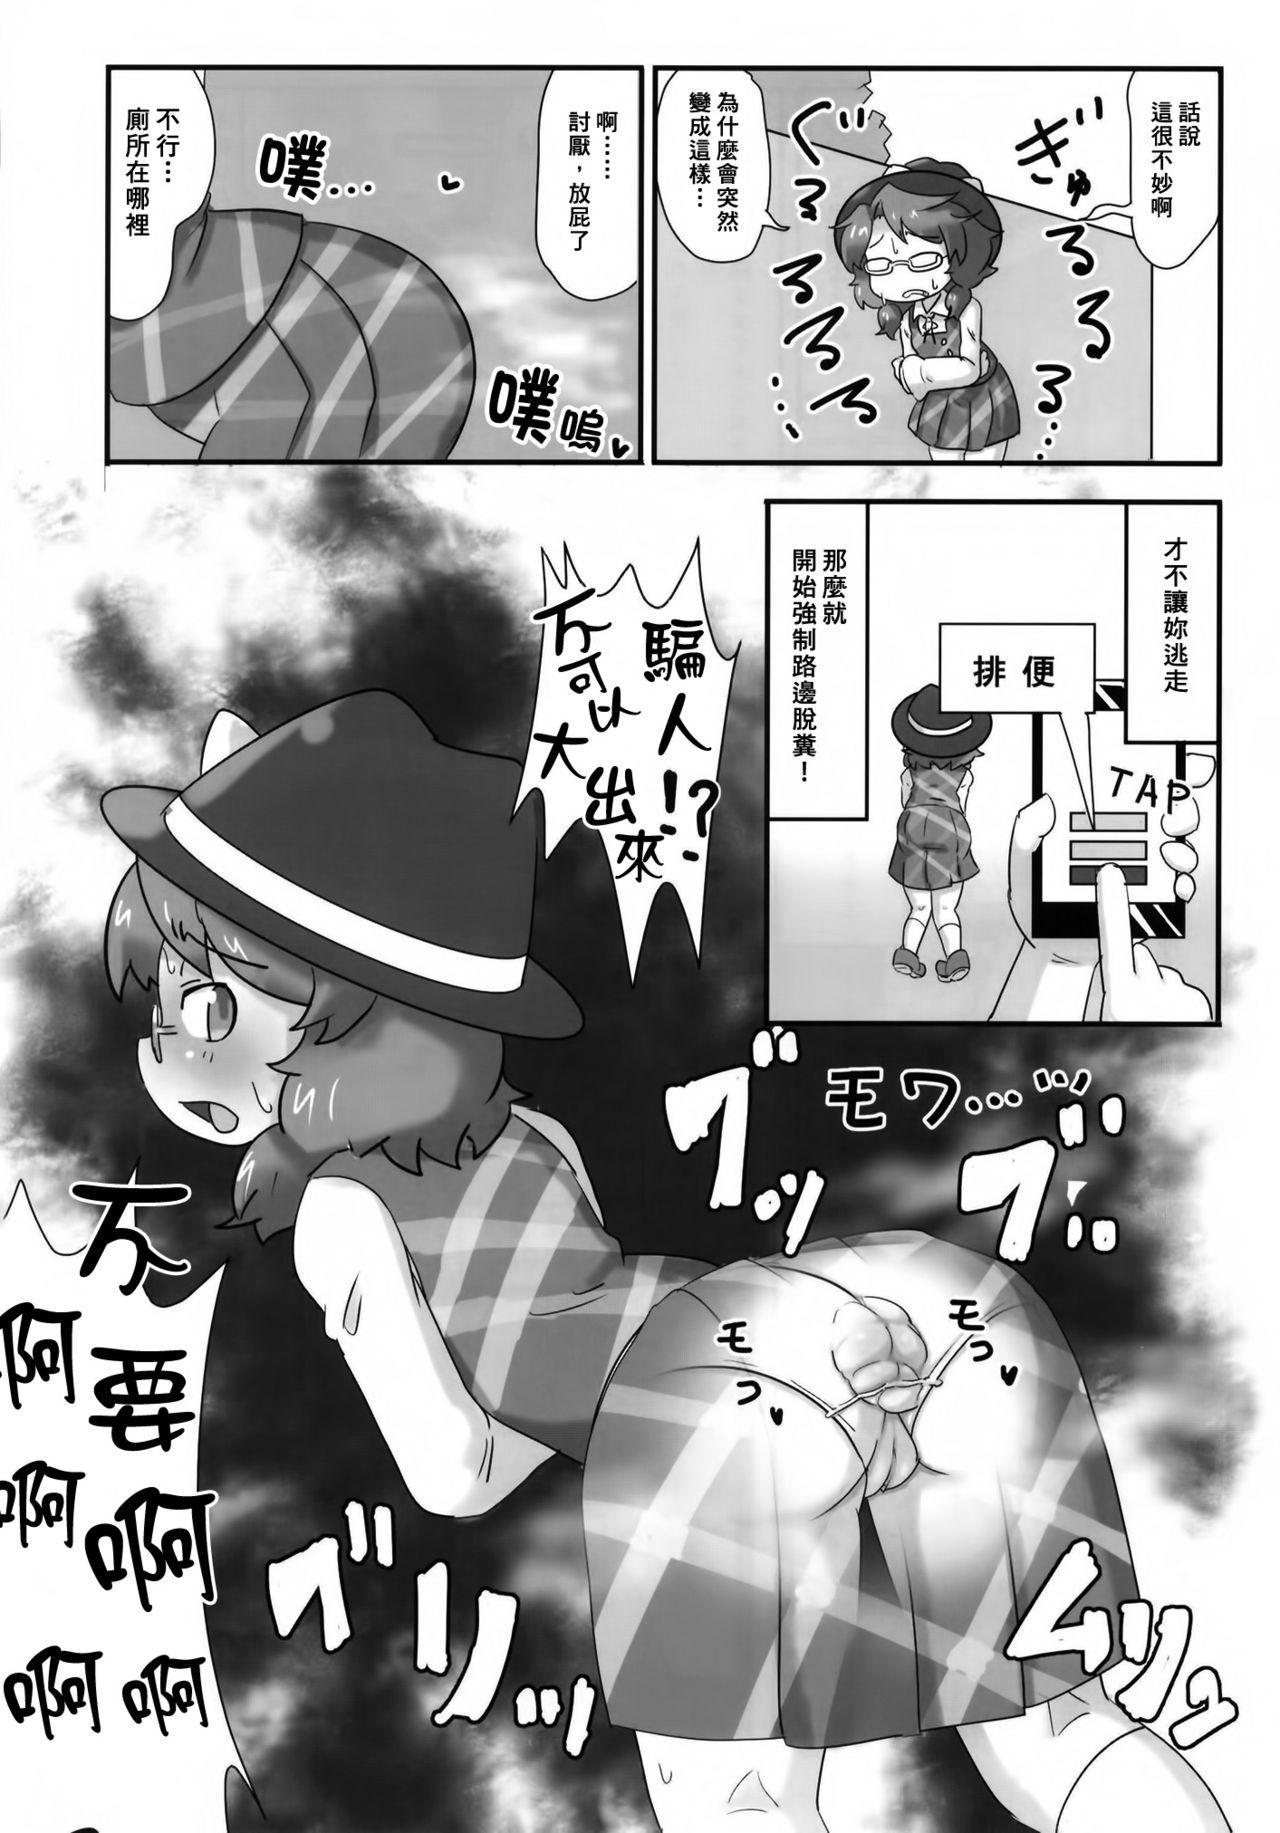 (C93) [Imomaru. (Various)] Micha Damee! ~Touhou Dappun Shuuchi Goudou~ | 不可以看啦! ~東方脫糞羞恥合同~ (Touhou Project) [Chinese] [臭鼬娘漢化組] 27